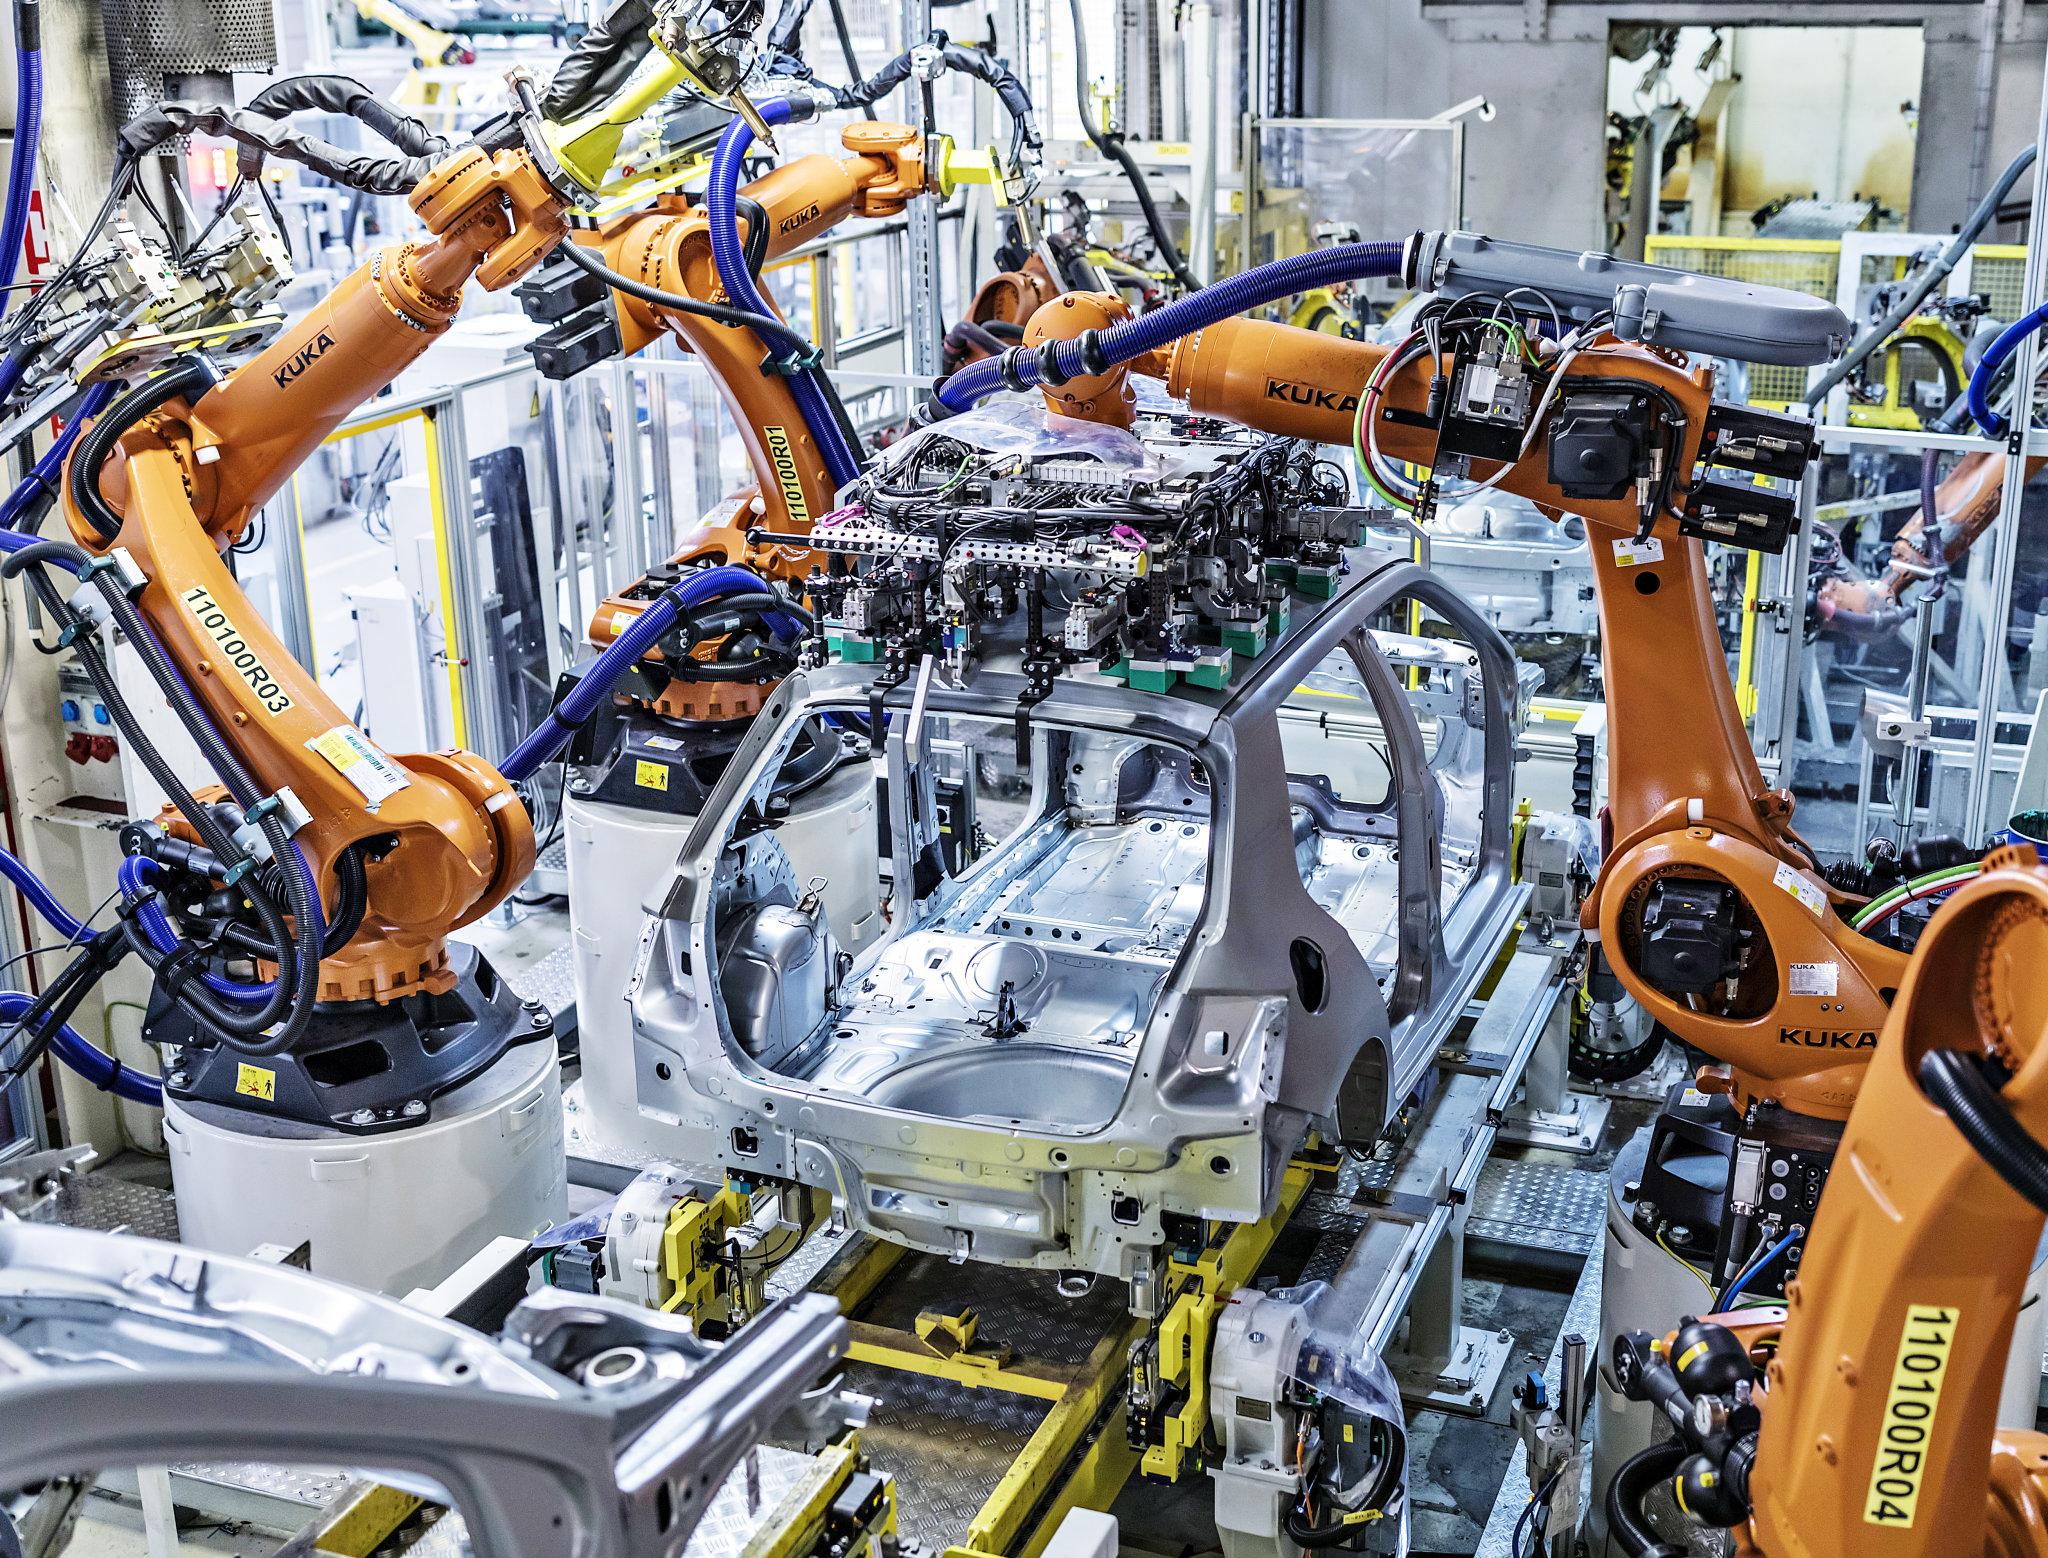 Díky nástupu výroby elektromobilů se nejspíš zvýší automatizace ve výrobě i logistice.